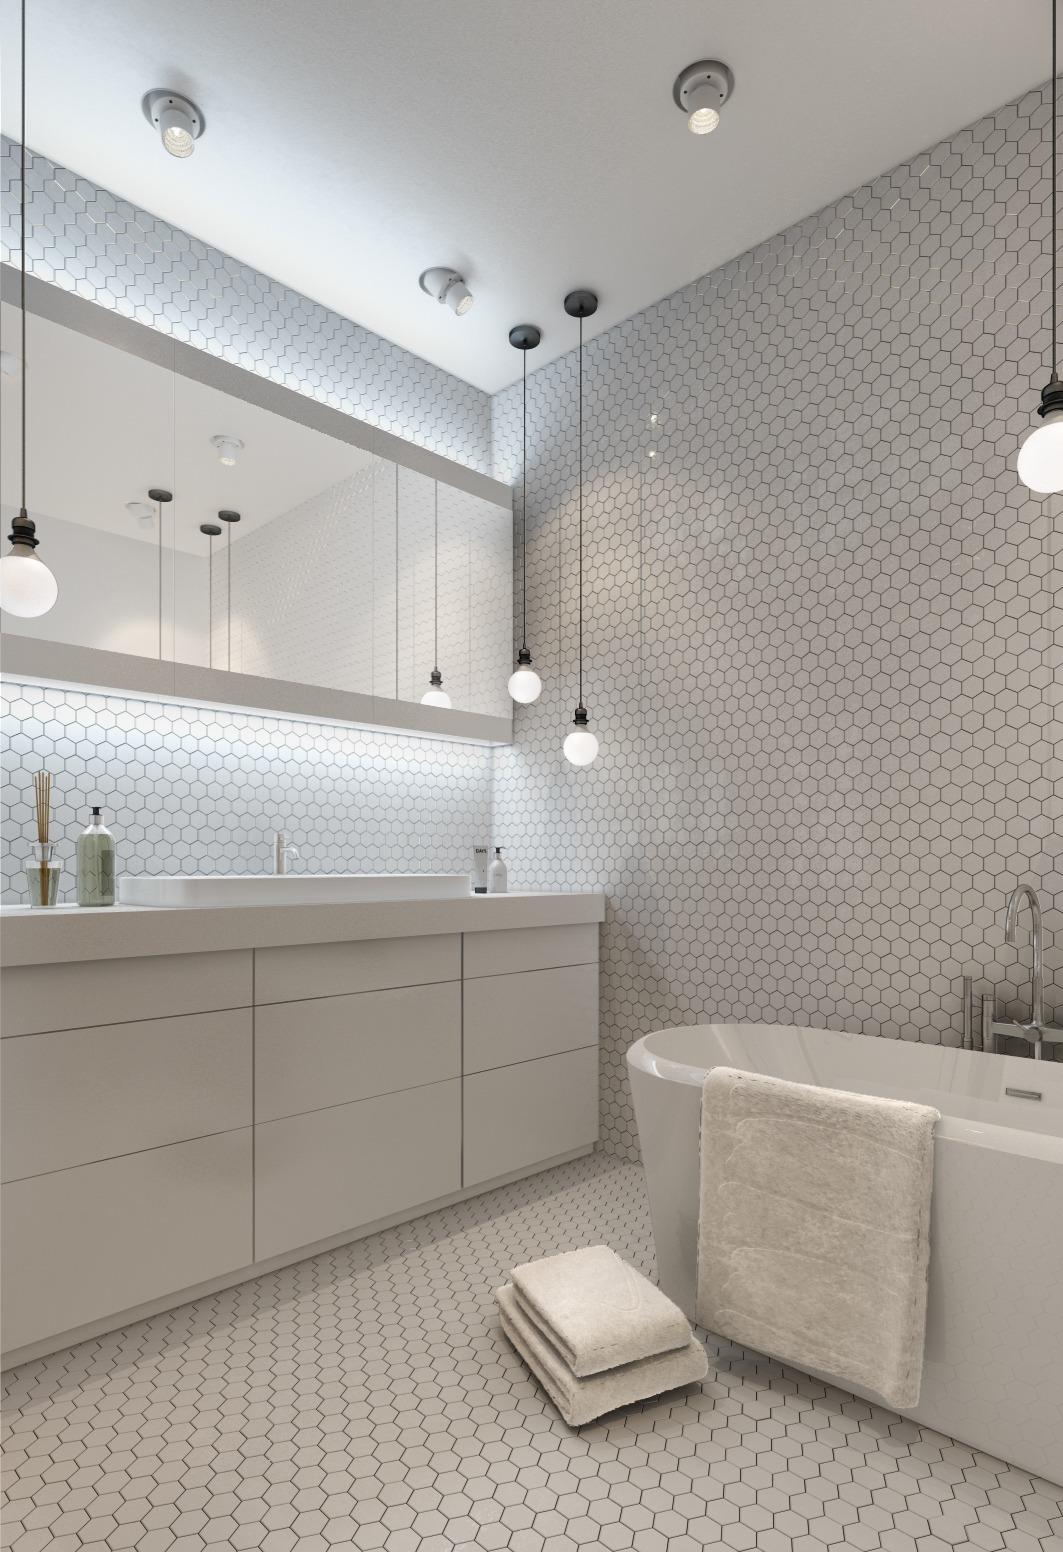 Дизайн белой ванной для маленькой квартиры - фото 2